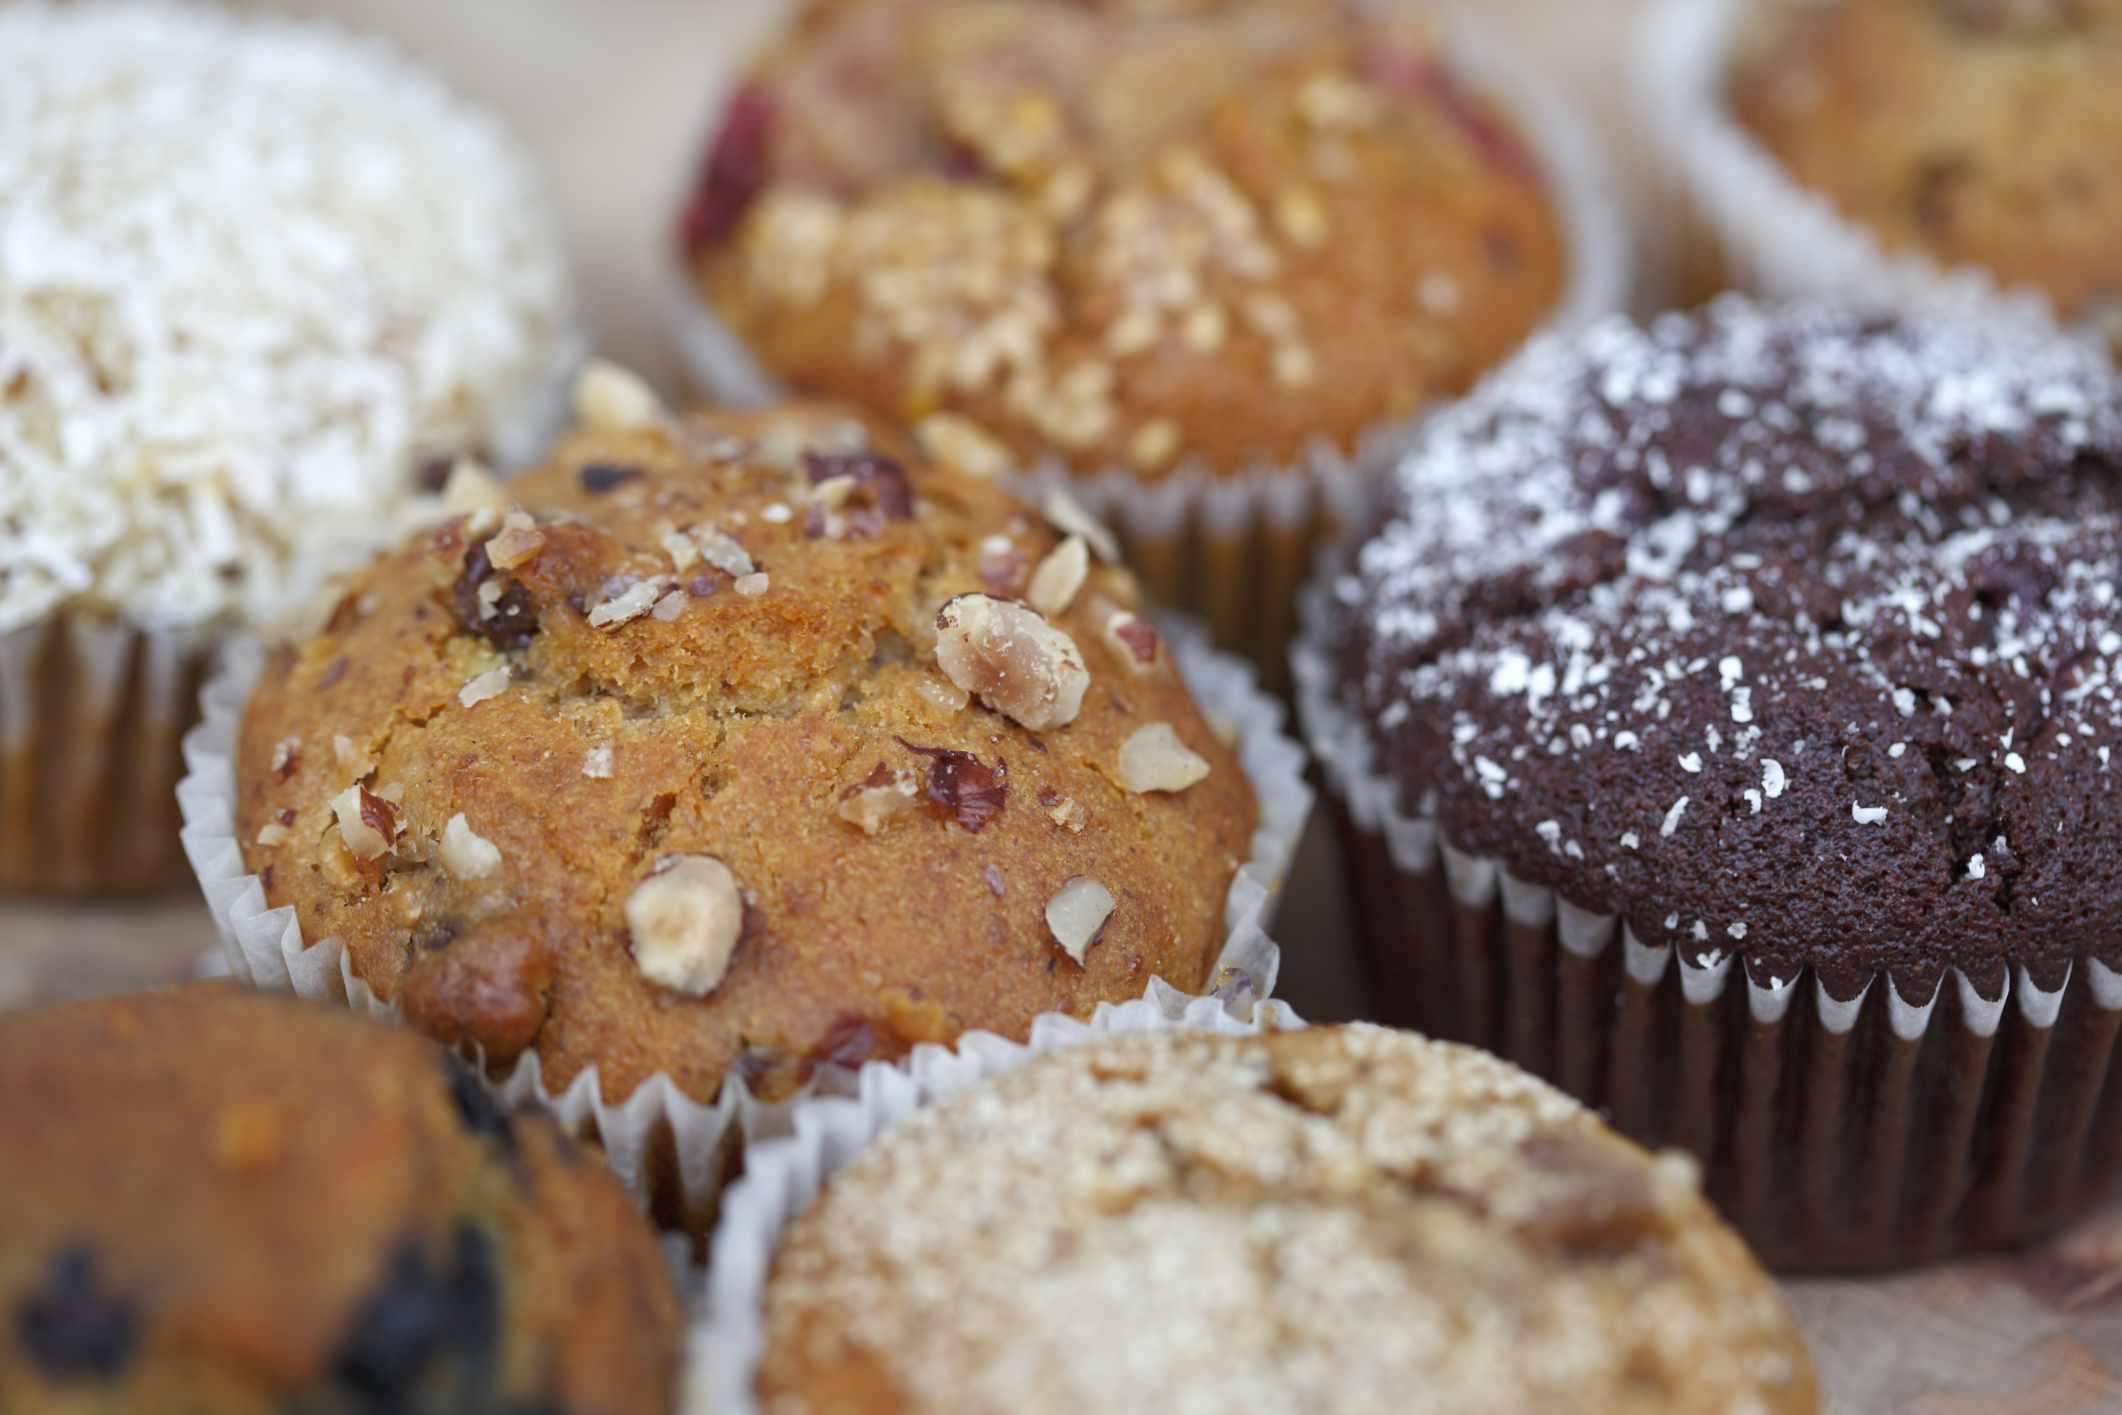 muffins vacíos de calorías